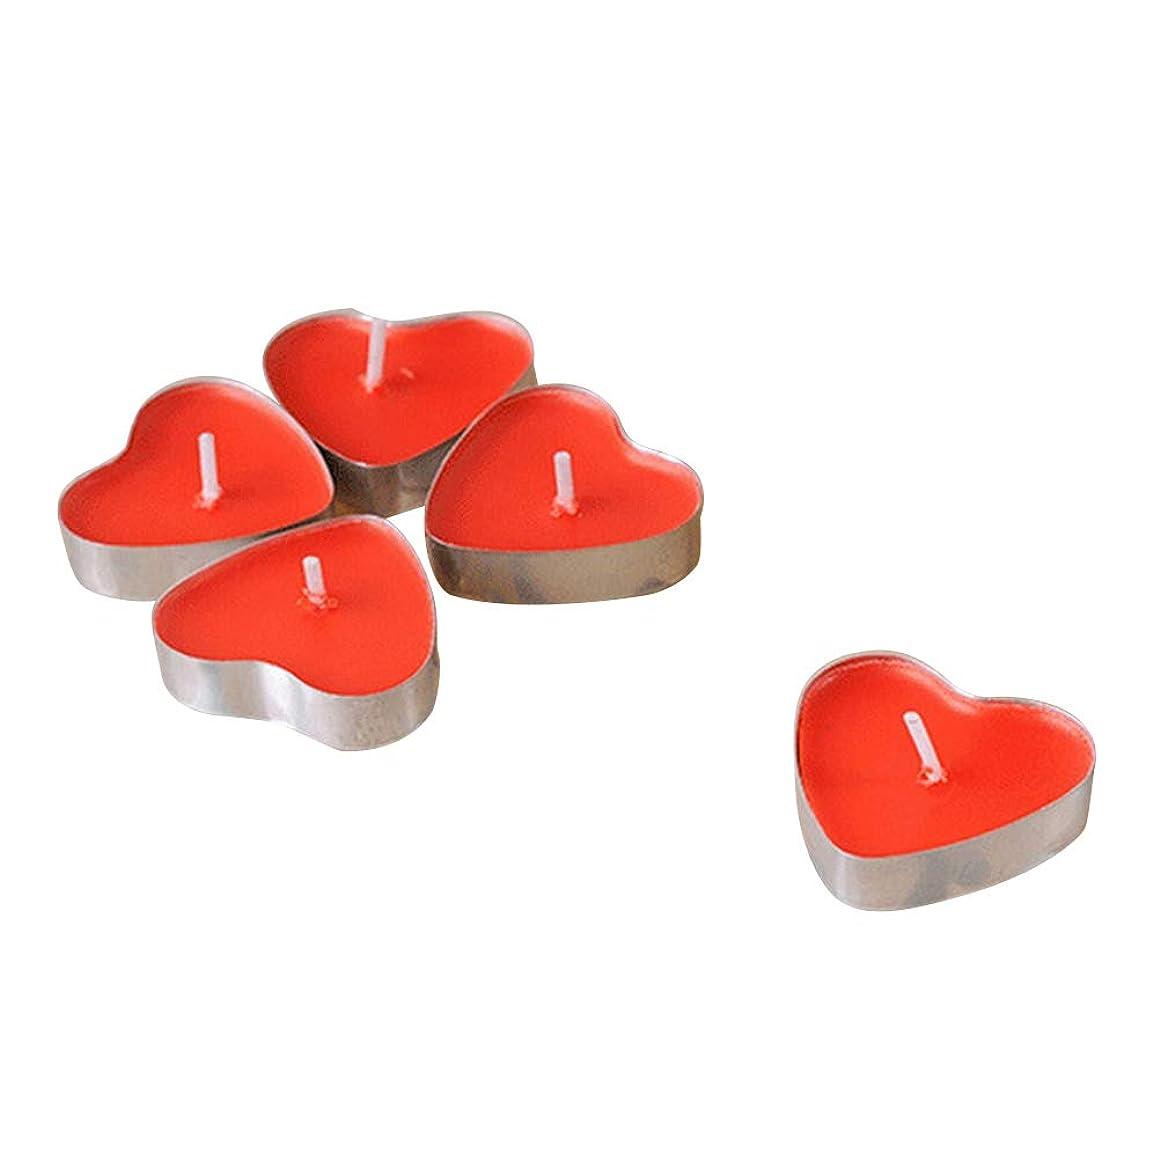 承認テーマ病気のVORCOOL 50本禁煙ロマンチックな蝋燭の結婚提案ハート型のろうそくの蝋燭